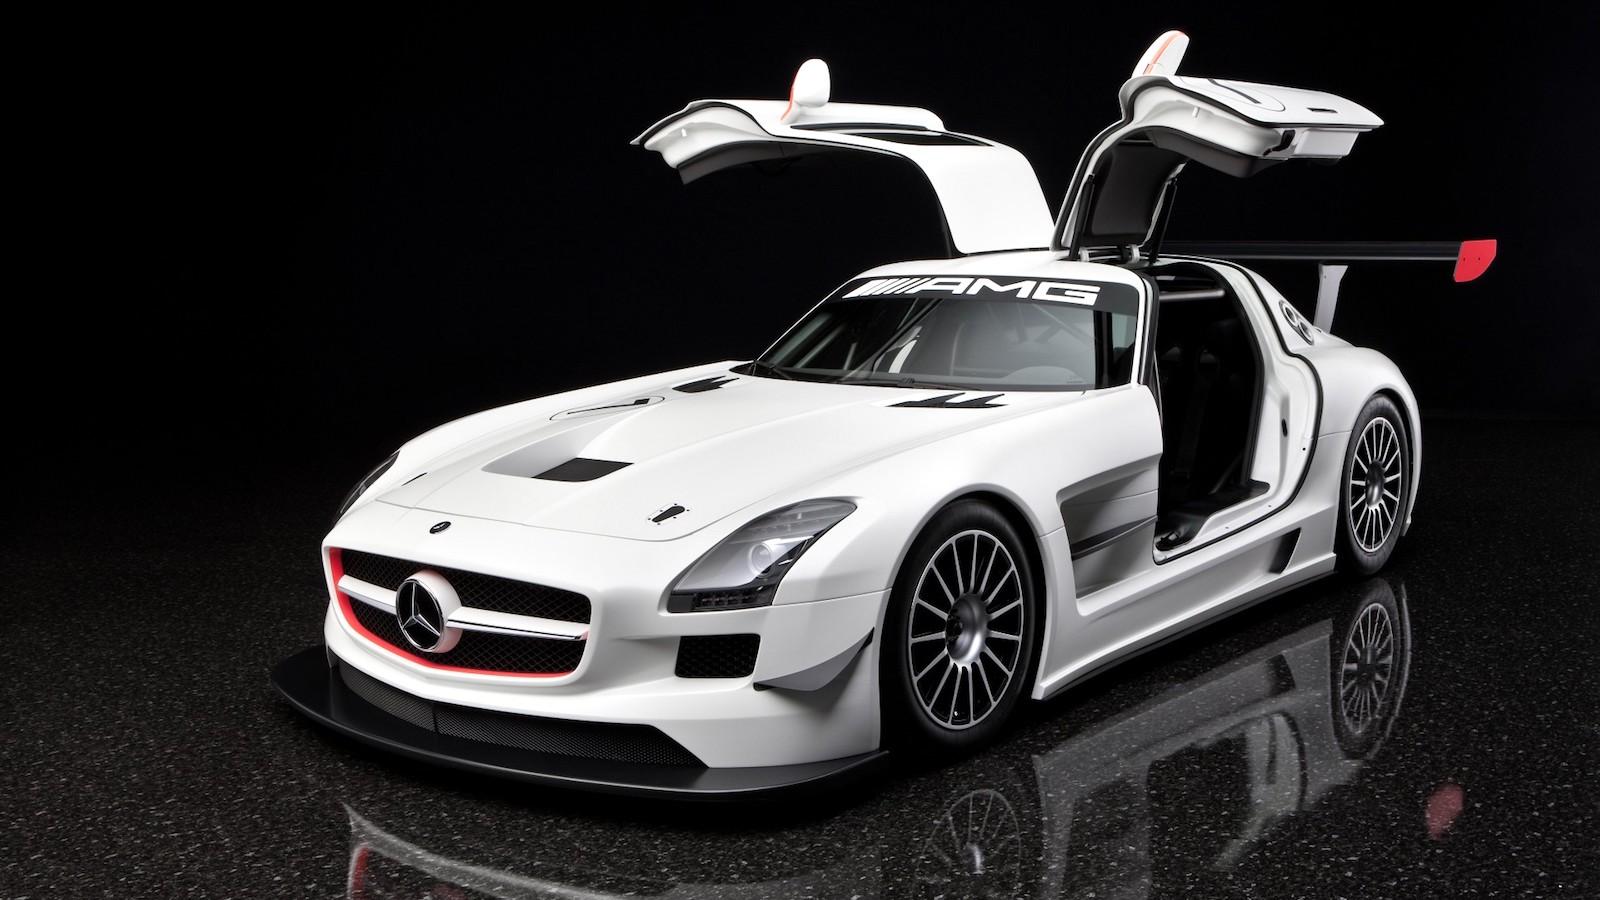 2010-Mercedes-Benz_SLS_AMG_GT3-1